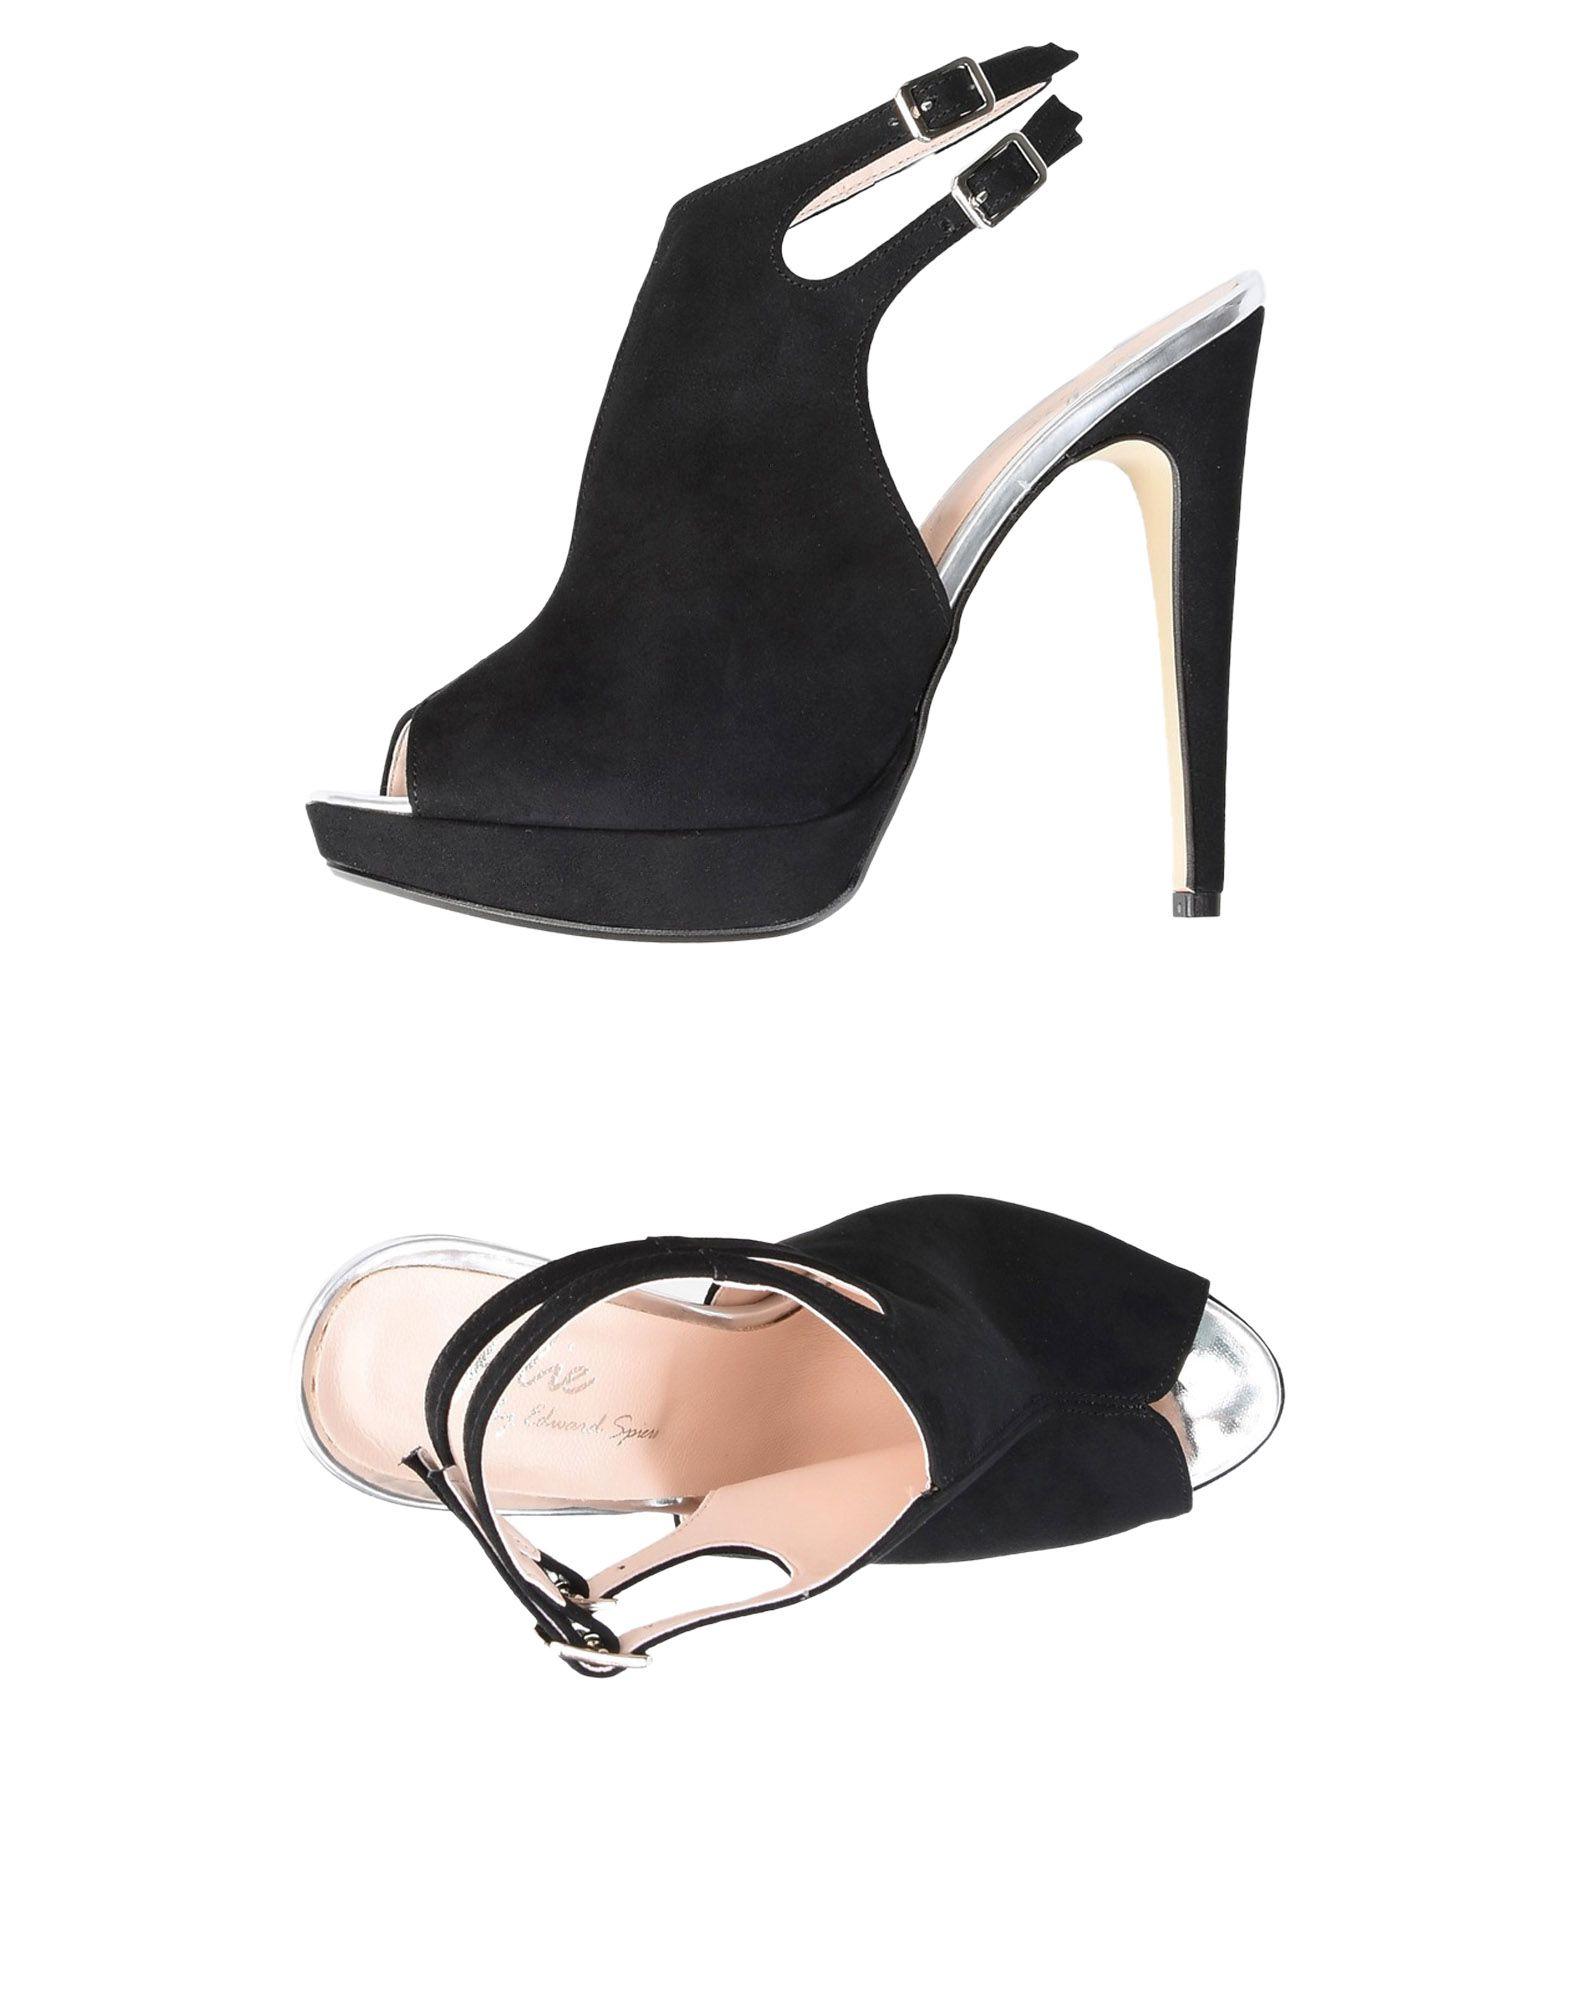 Jolie By Damen Edward Spiers Sandalen Damen By Gutes Preis-Leistungs-Verhältnis, es lohnt sich 322c9d